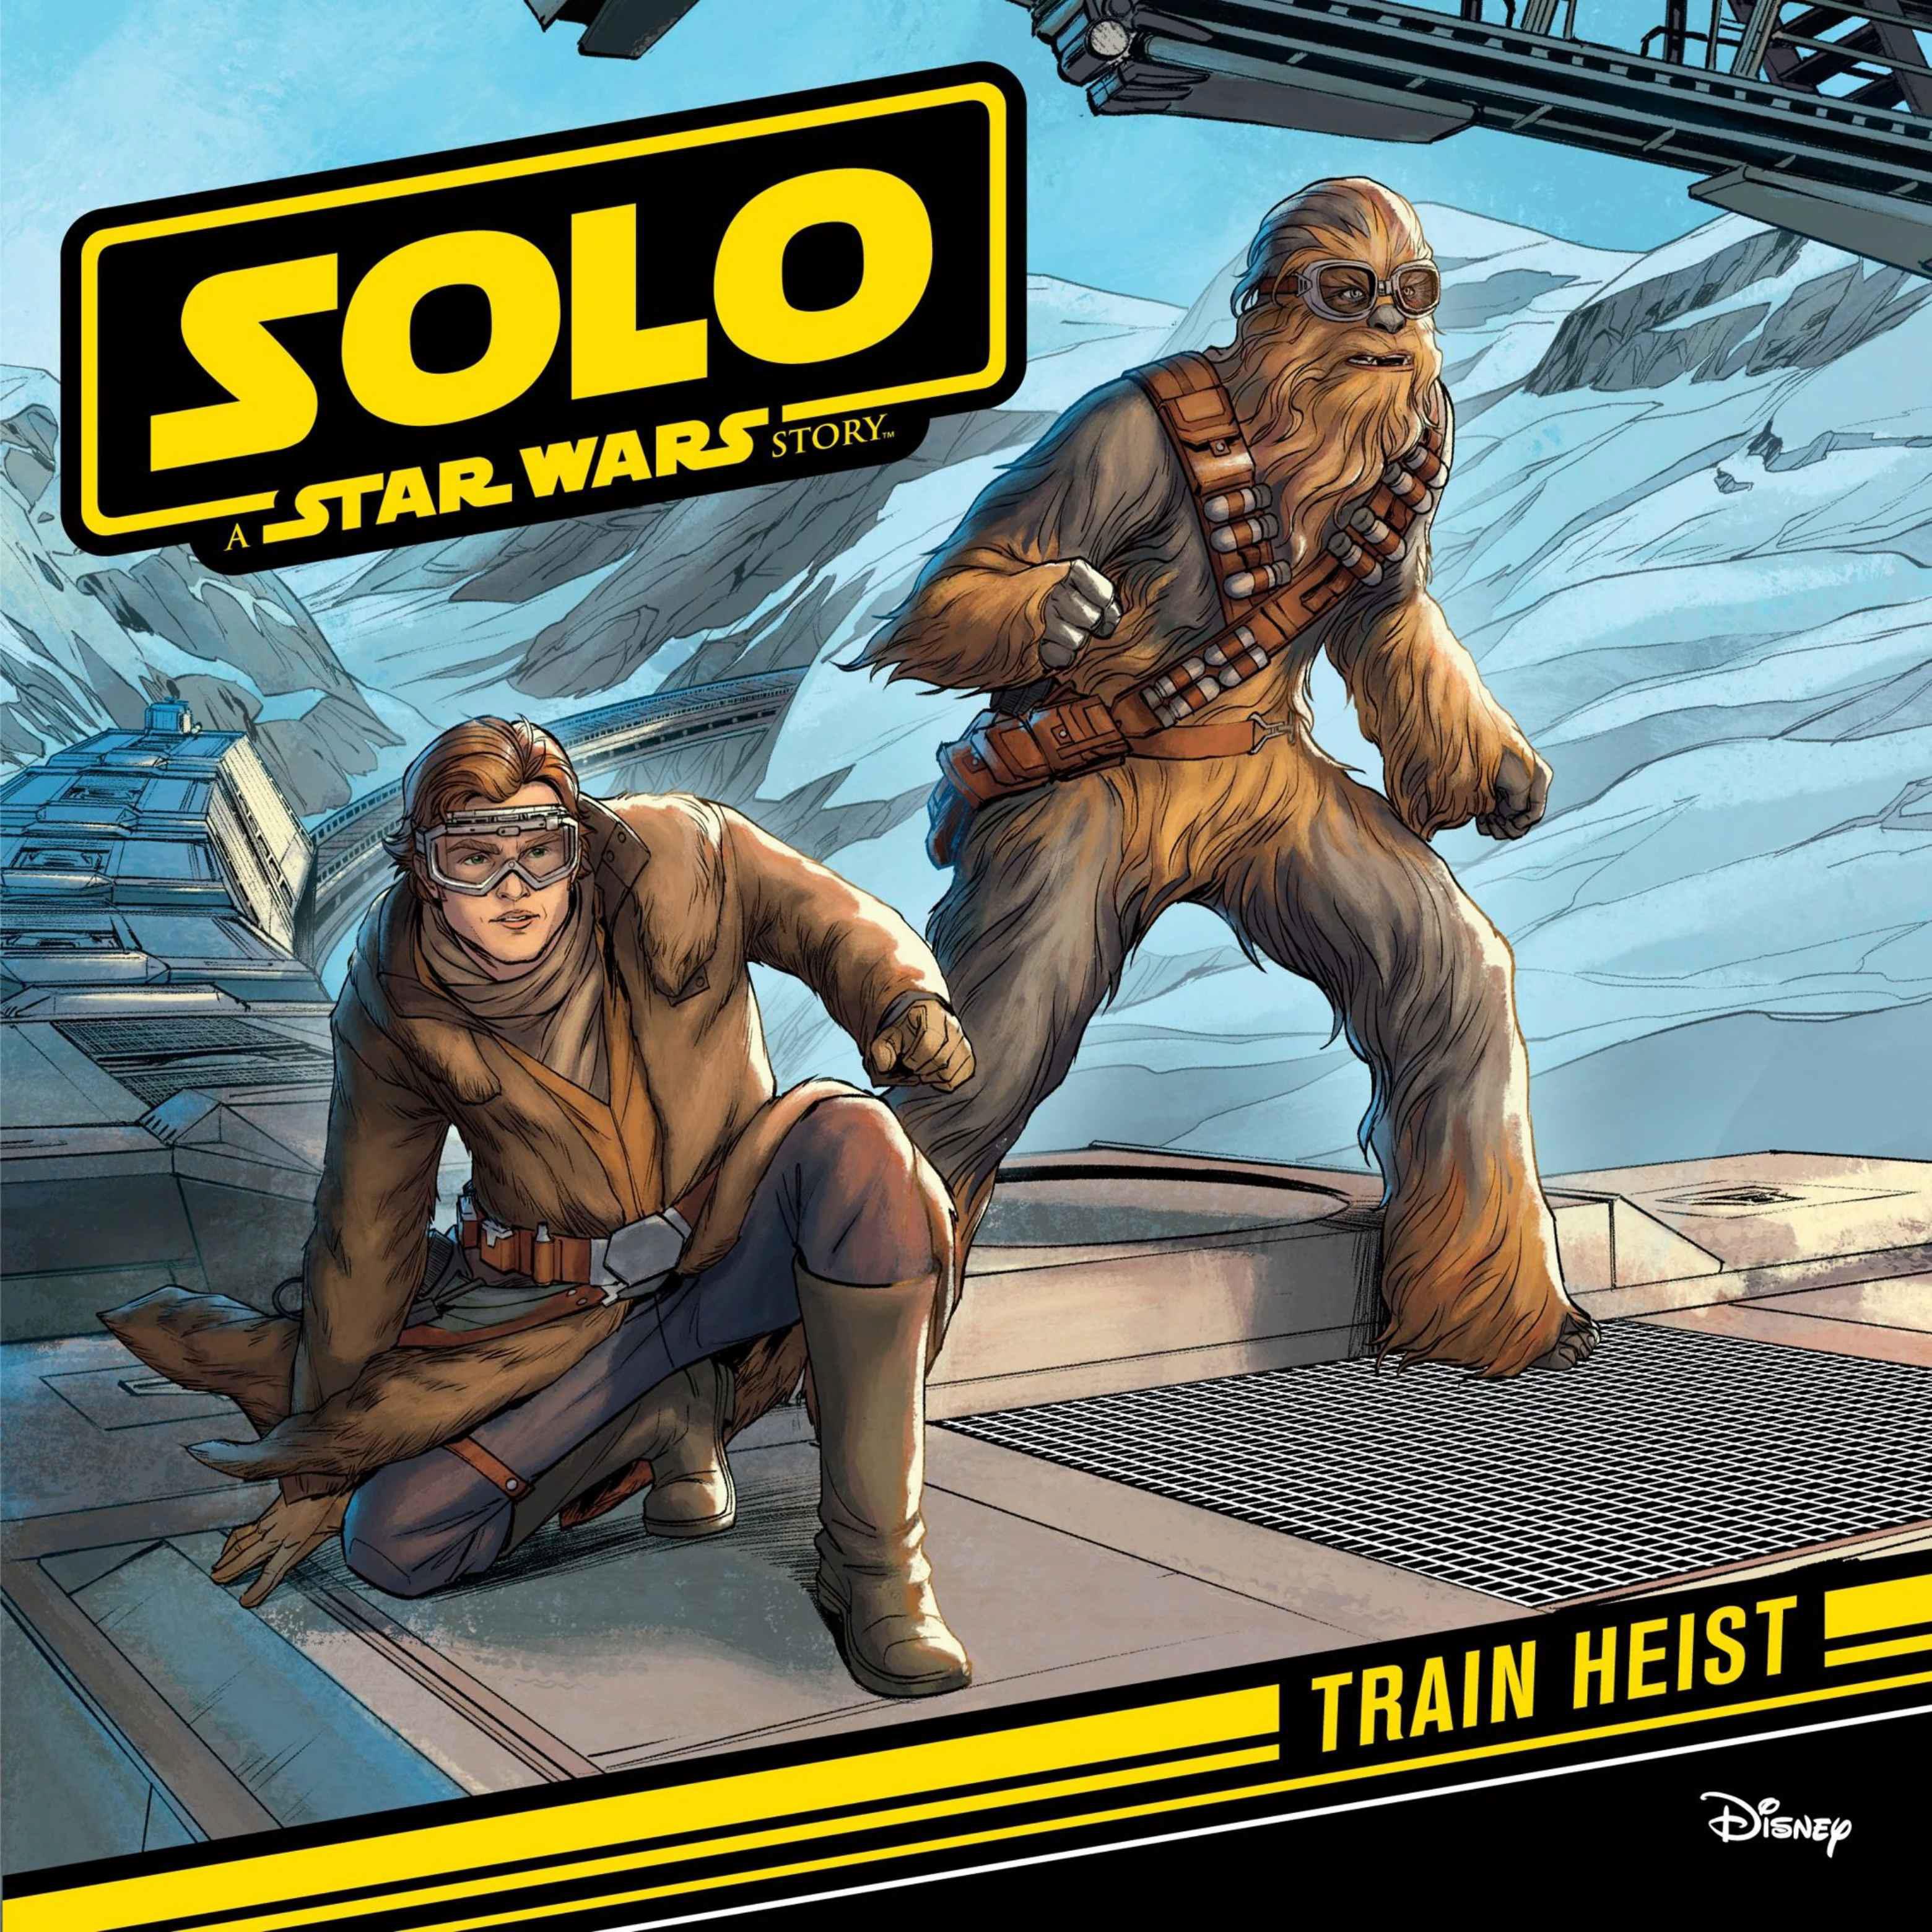 Afbeeldingsresultaat voor solo a star wars story train heist